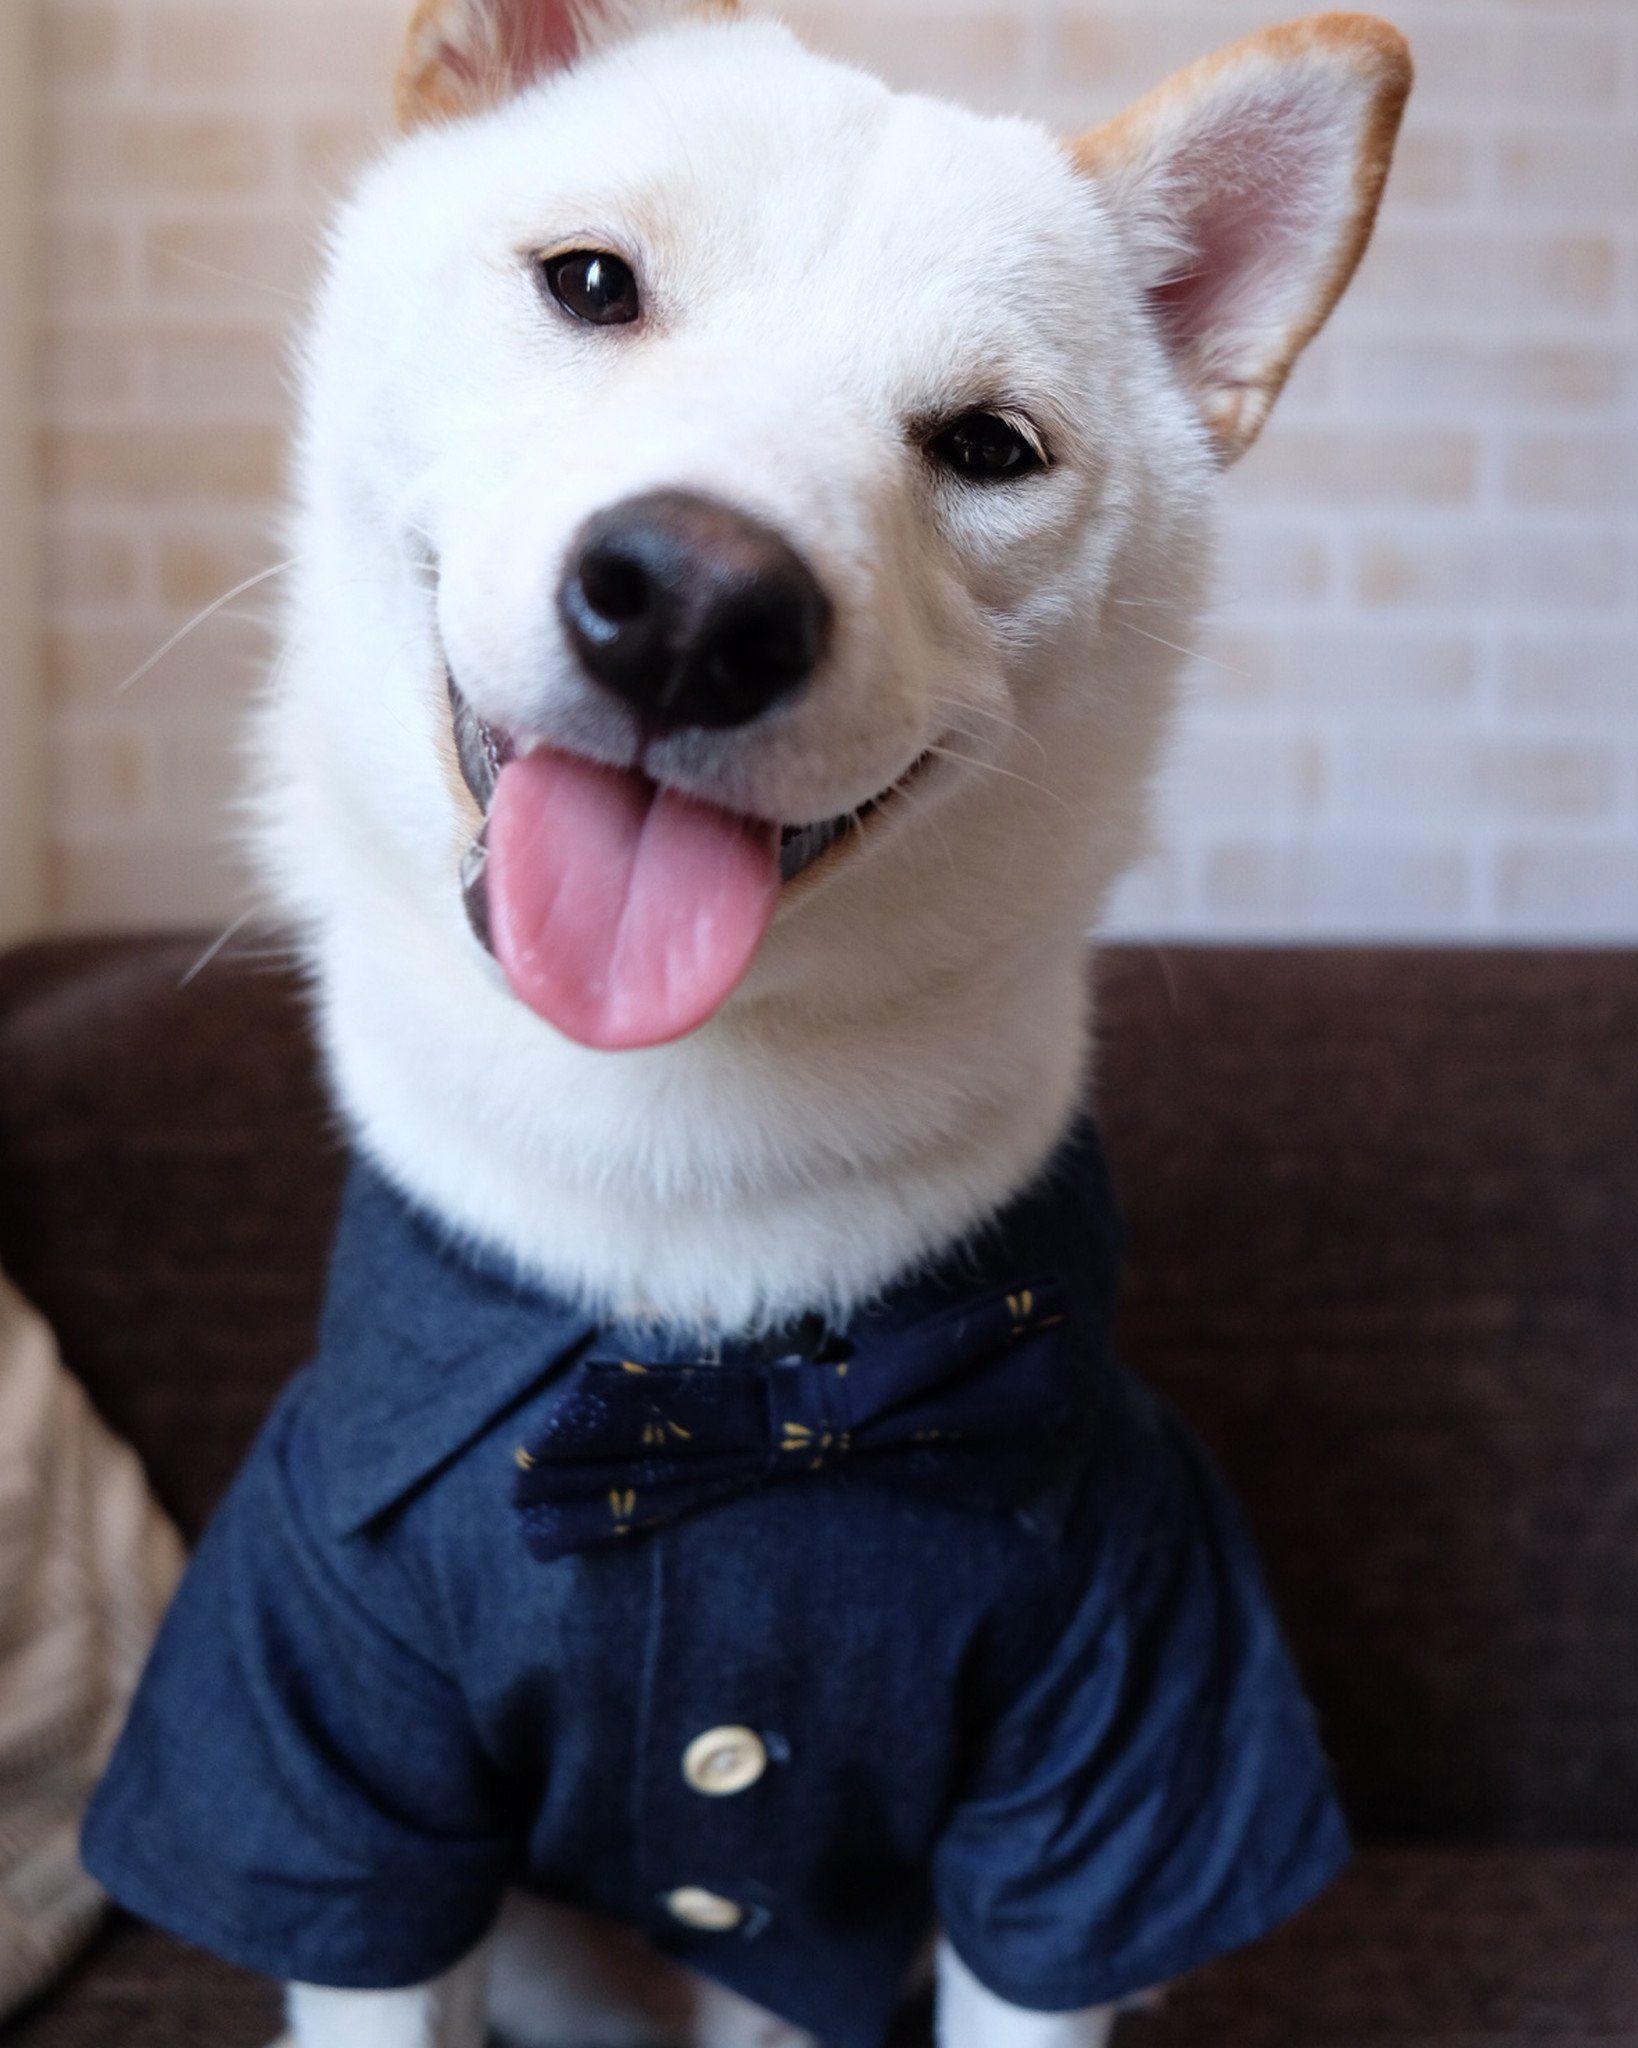 Canadian Tuxedo (With images) Canadian tuxedo, Cute dog